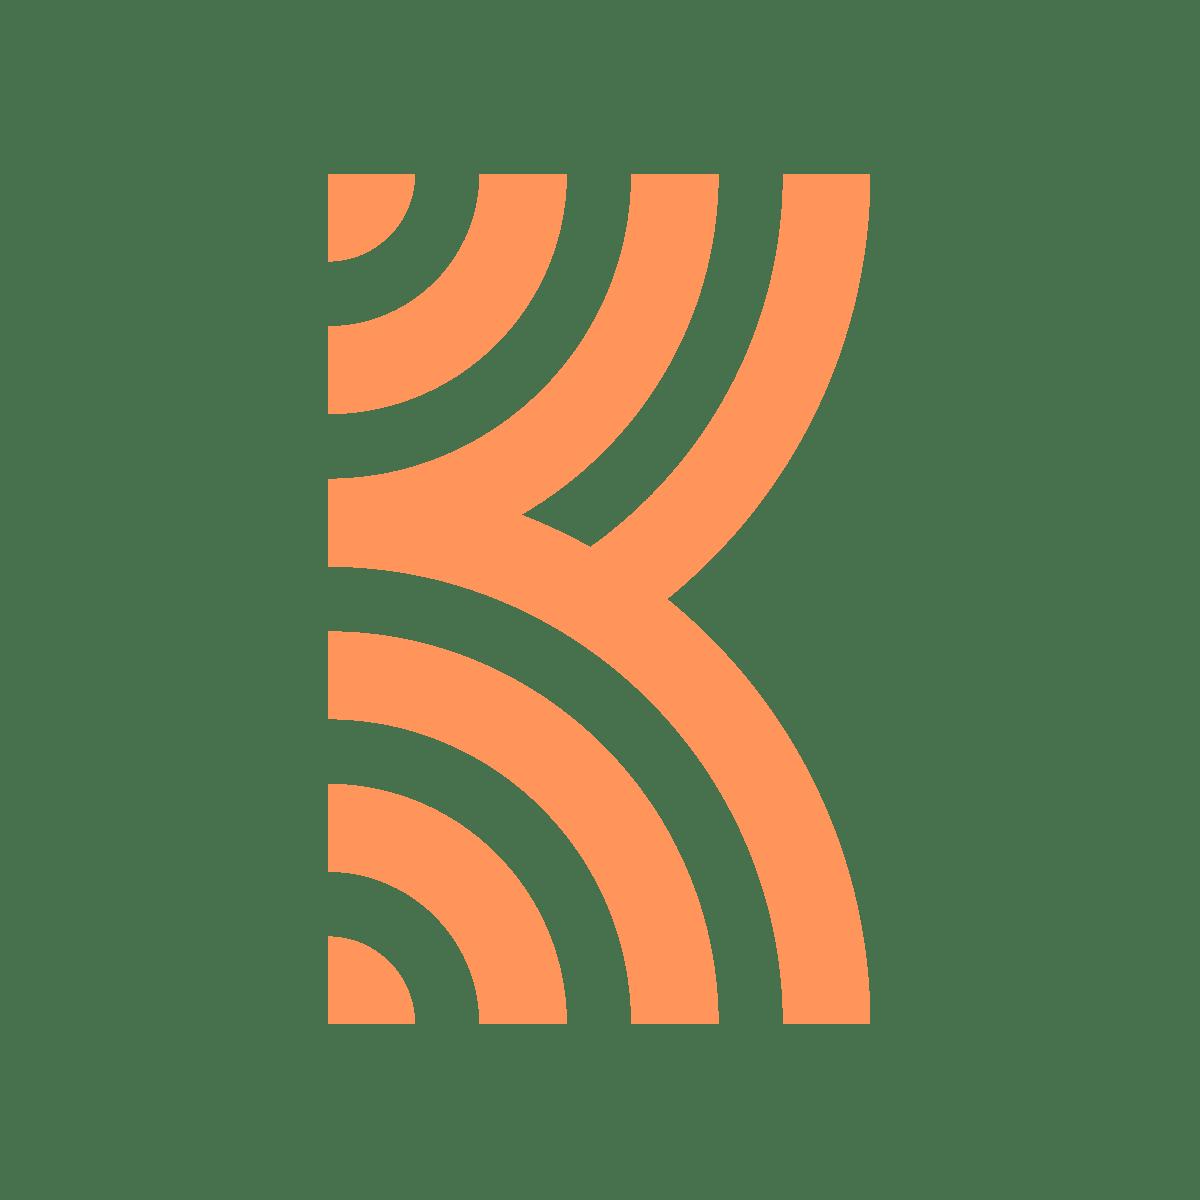 Katif icon